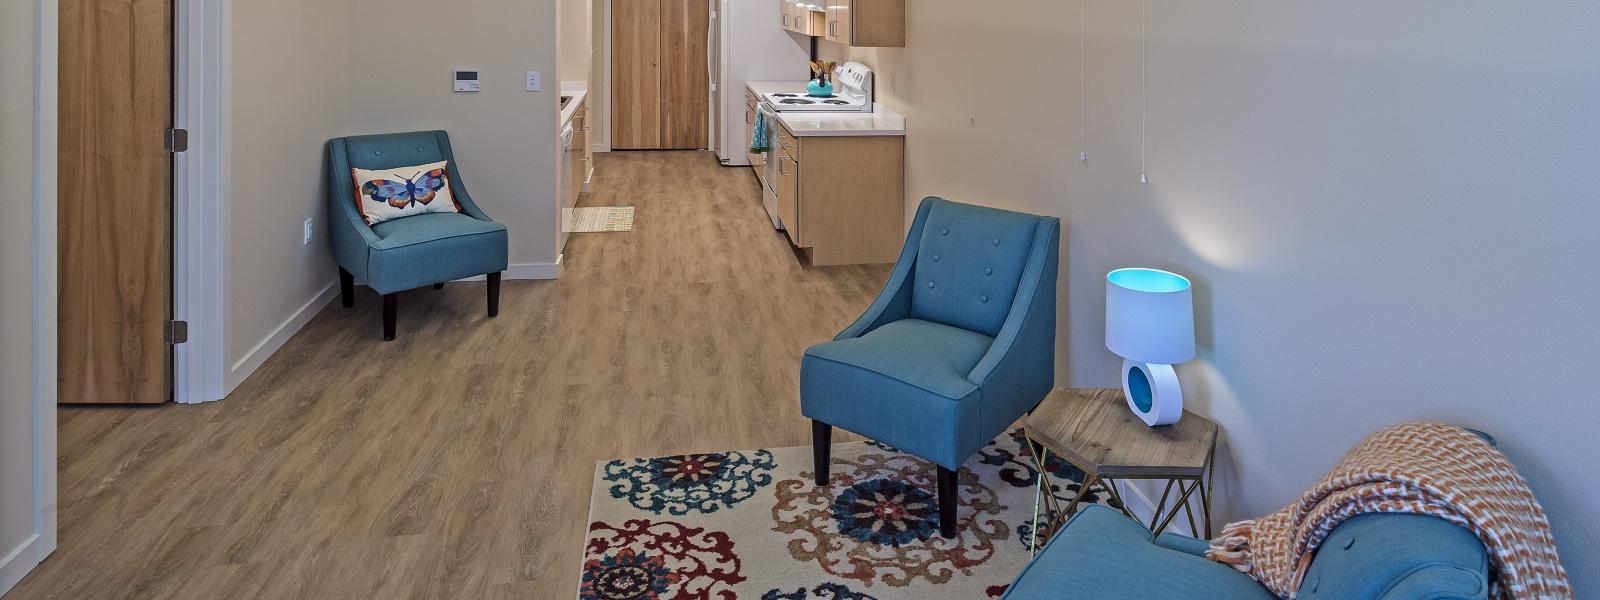 3600 Spenard, Anchorage, Alaska, 99503, 1 Bedroom Bedrooms, ,1 BathroomBathrooms,Apartment,For Rent,Spenard,1060